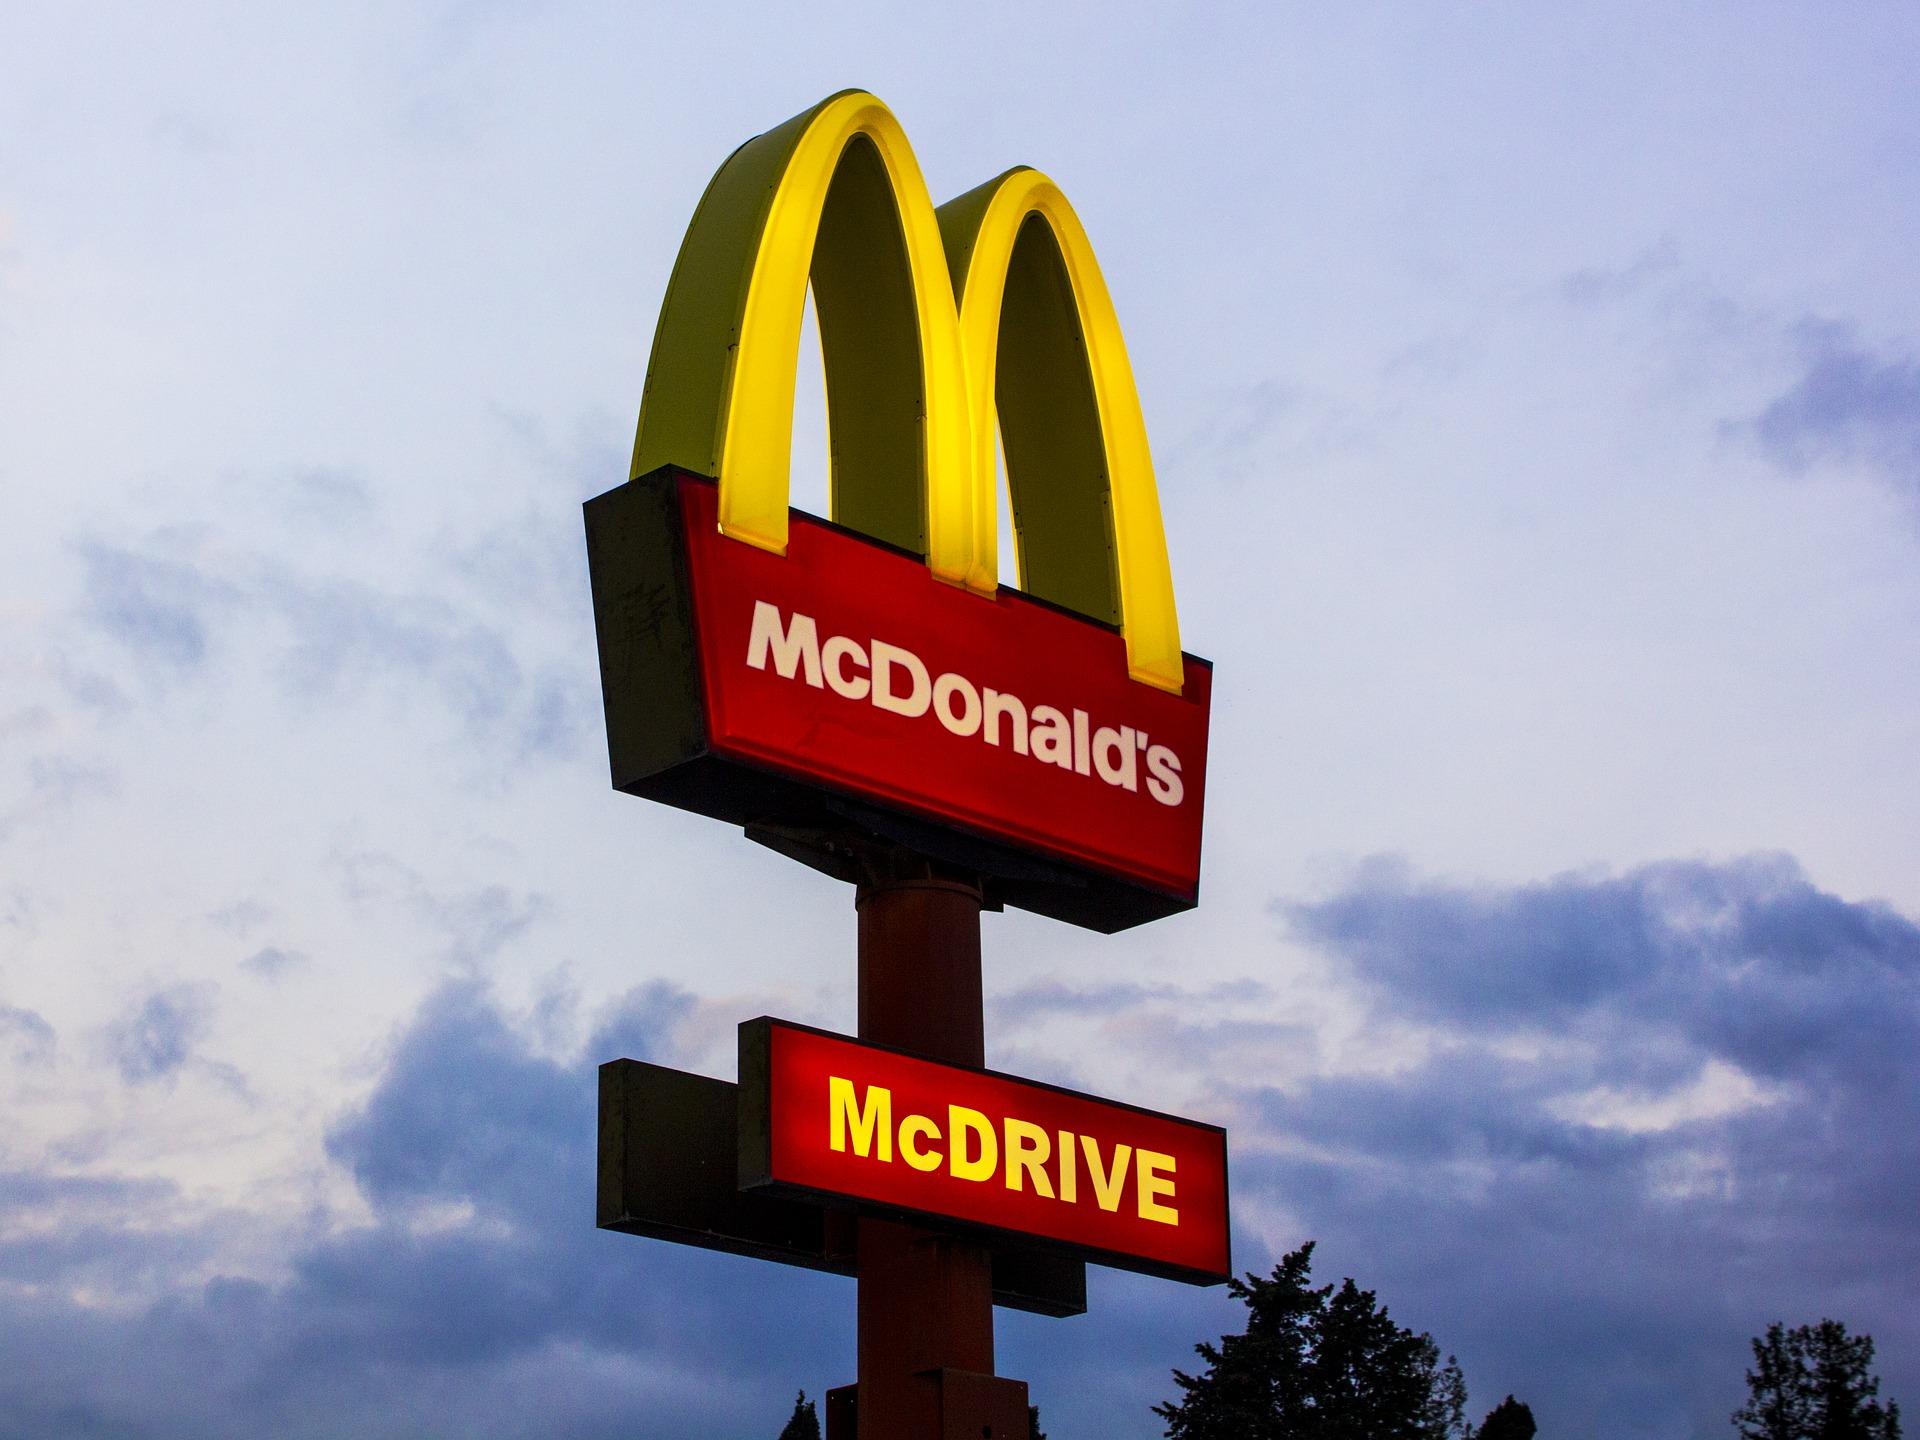 TransInstant: Ciężarówki z McDonald's tankują olej… po smażeniu frytek   Kolejna grupa uprawniona do kierowania ruchem